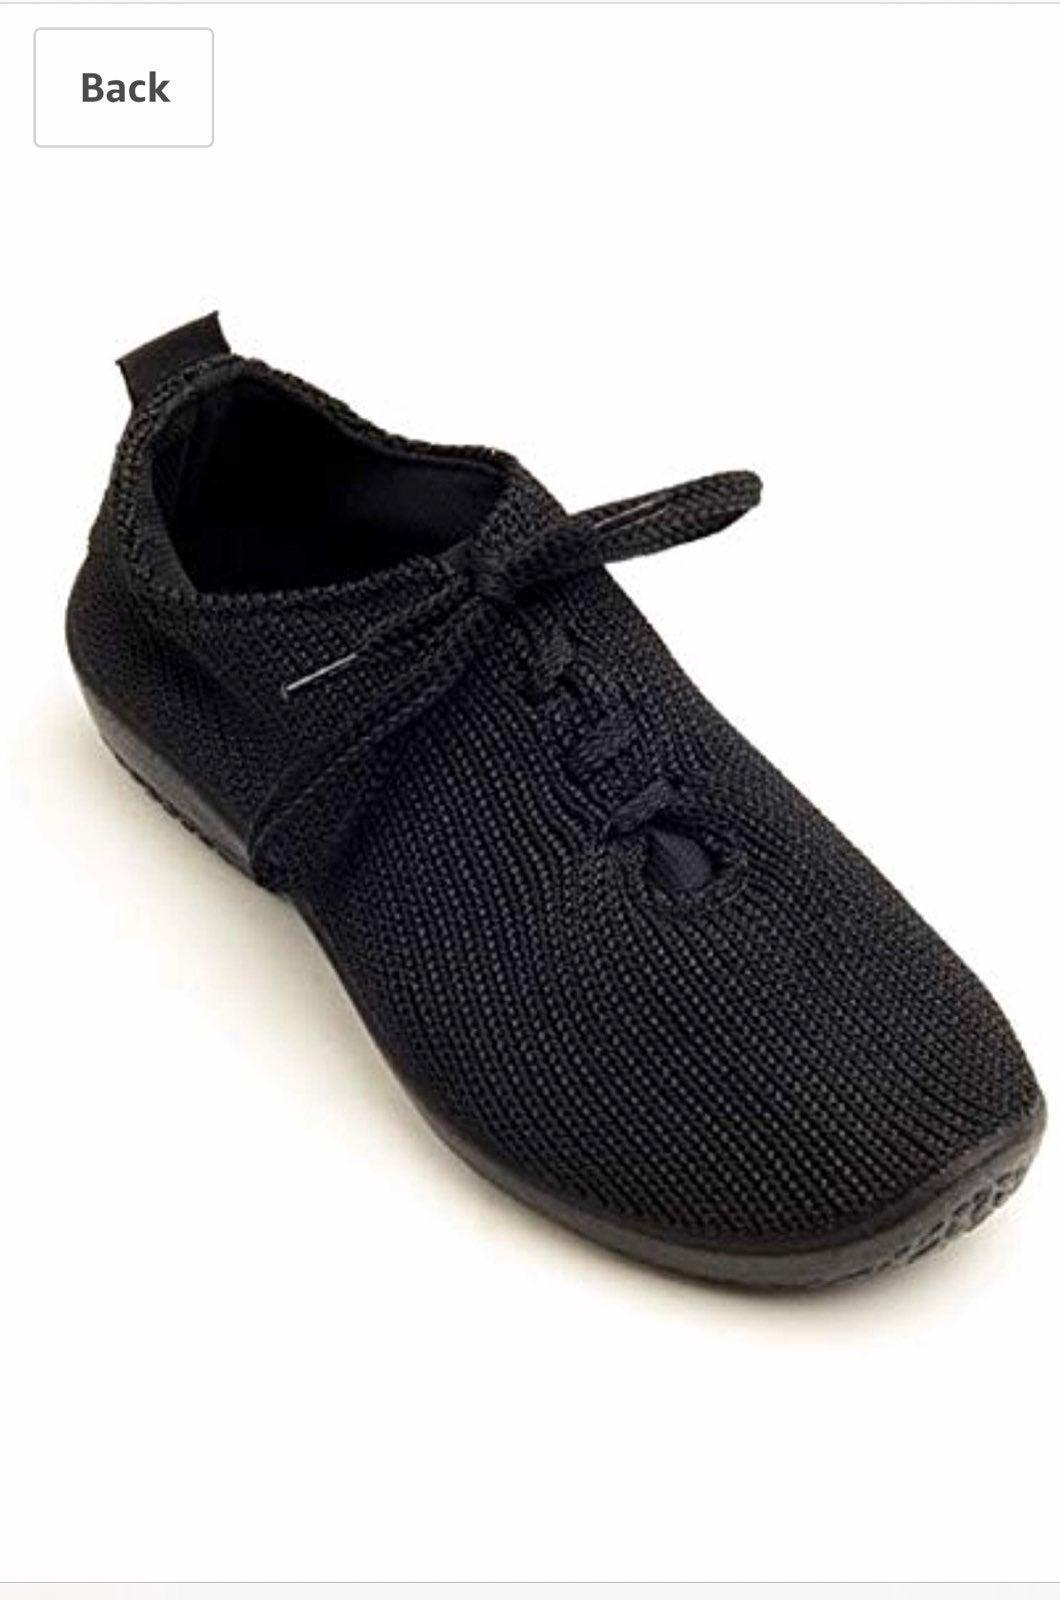 Arcopedico Unisex Shoes